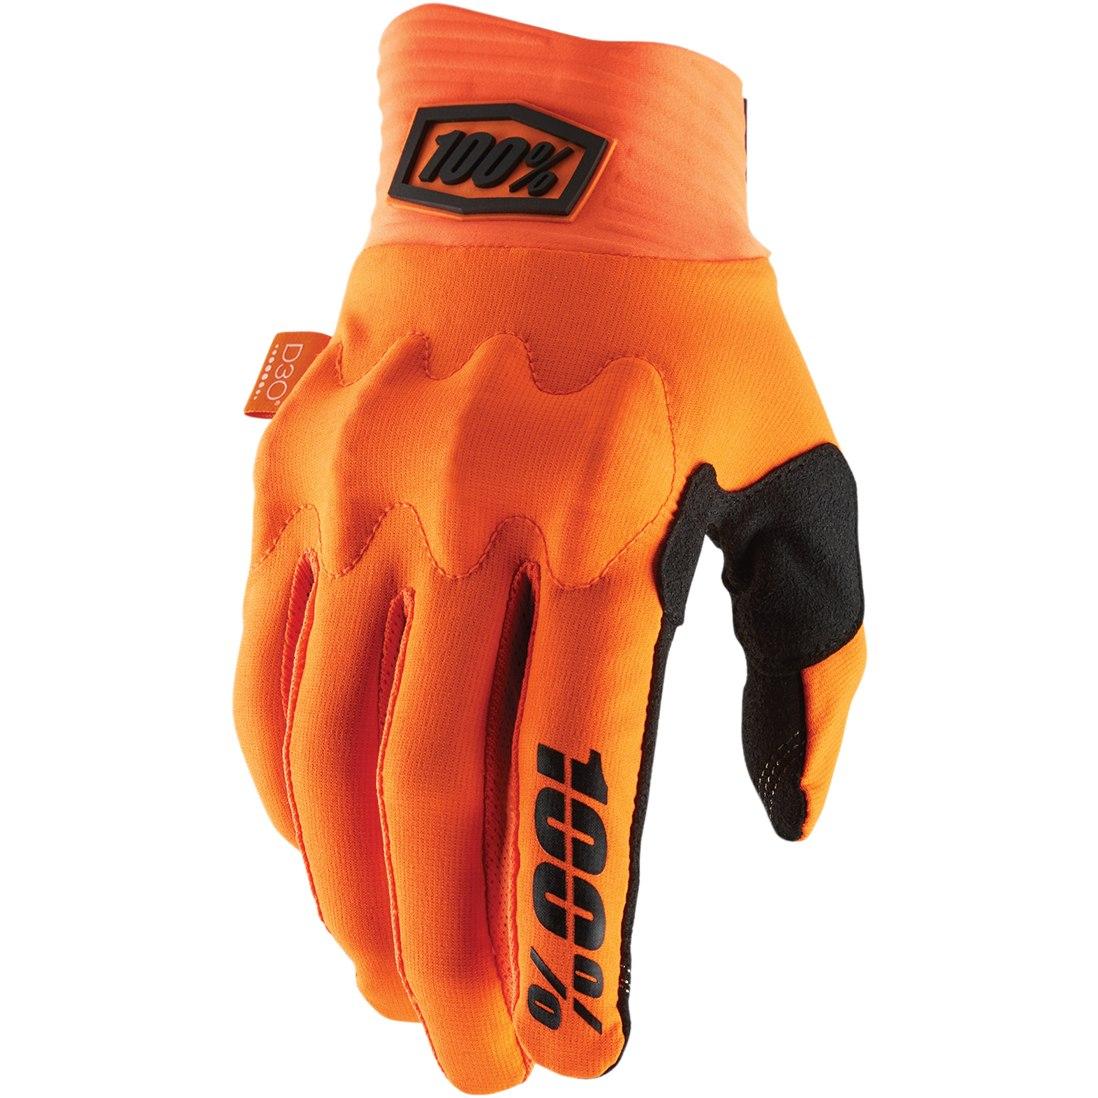 100% Cognito D30 Glove - Fluo Orange/Black